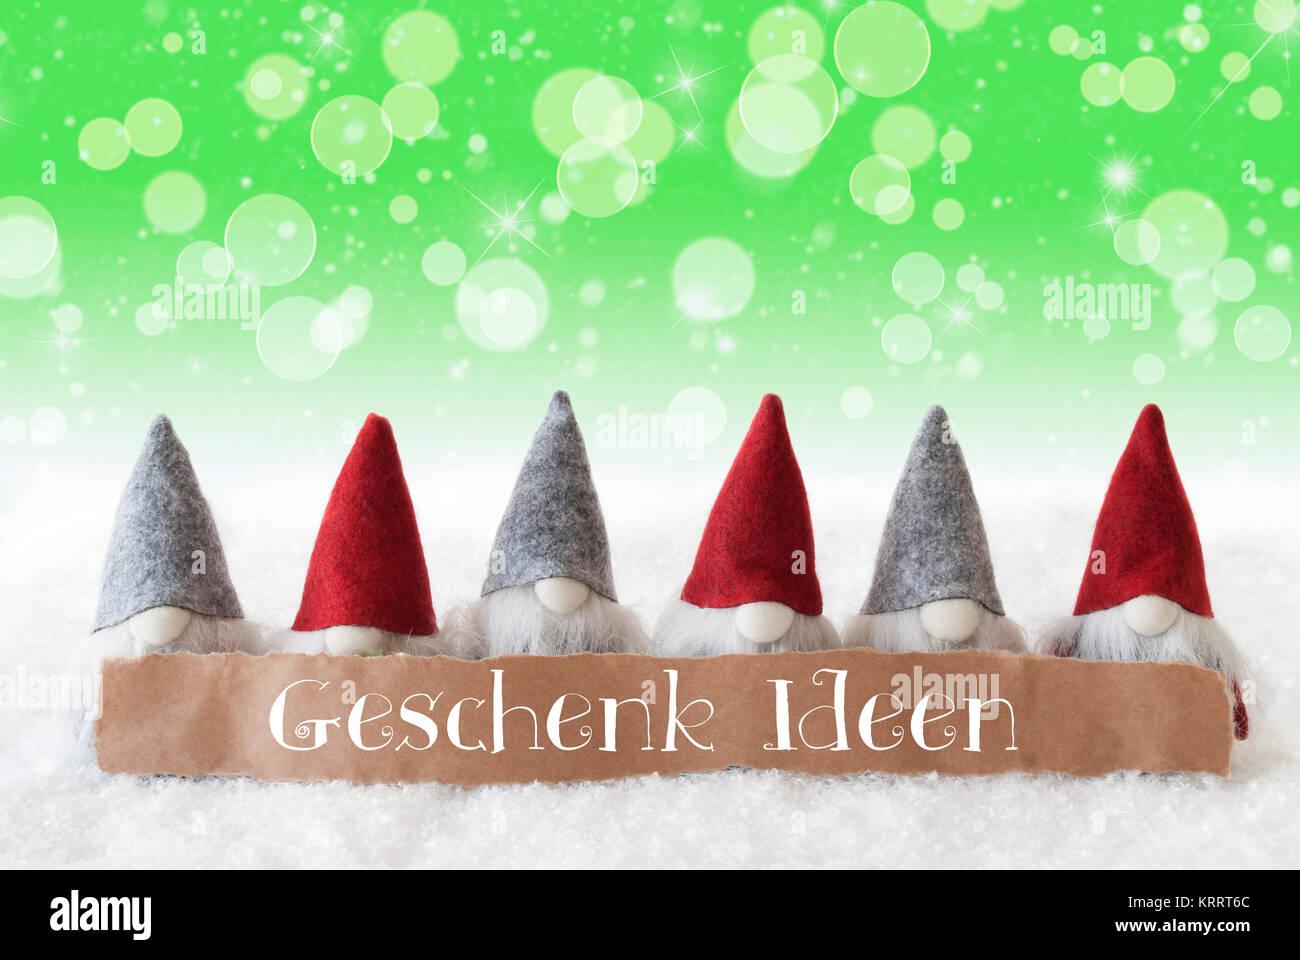 Etikett mit deutschem Text Geschenk Ideen bedeutet Geschenk Ideen ...